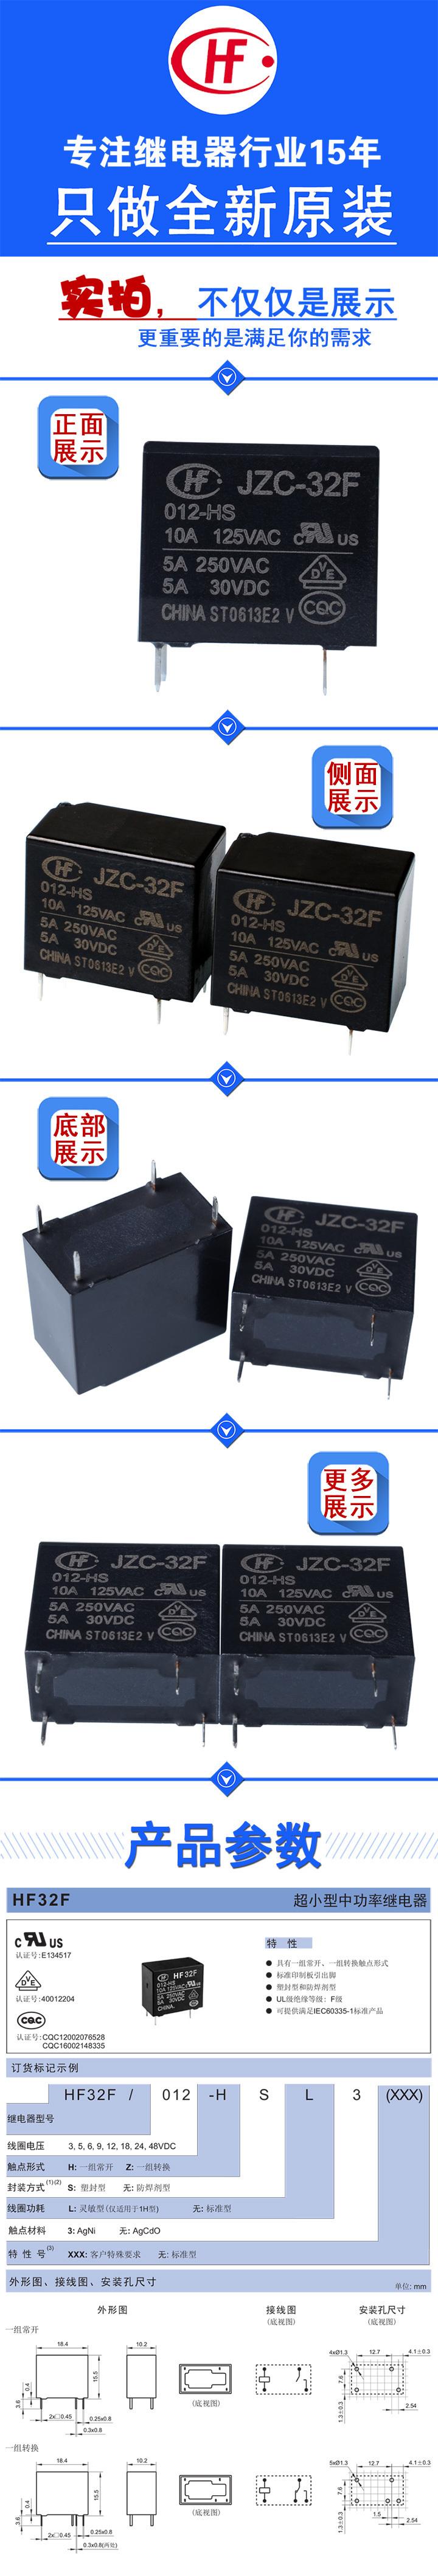 JZC-32F-012-HS_01